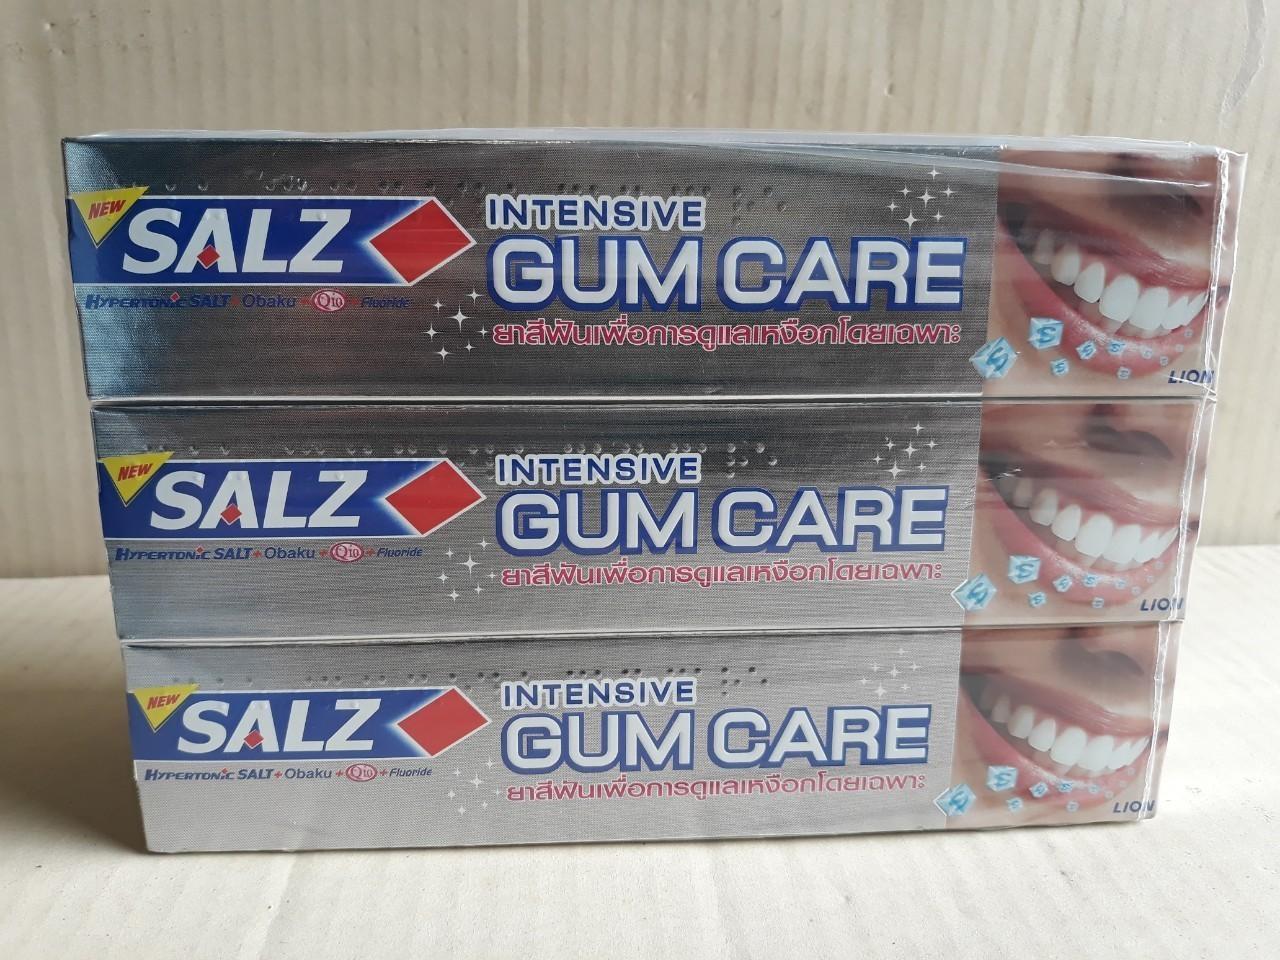 Kem đánh răng Salz 160g đậm đặc (gum care)